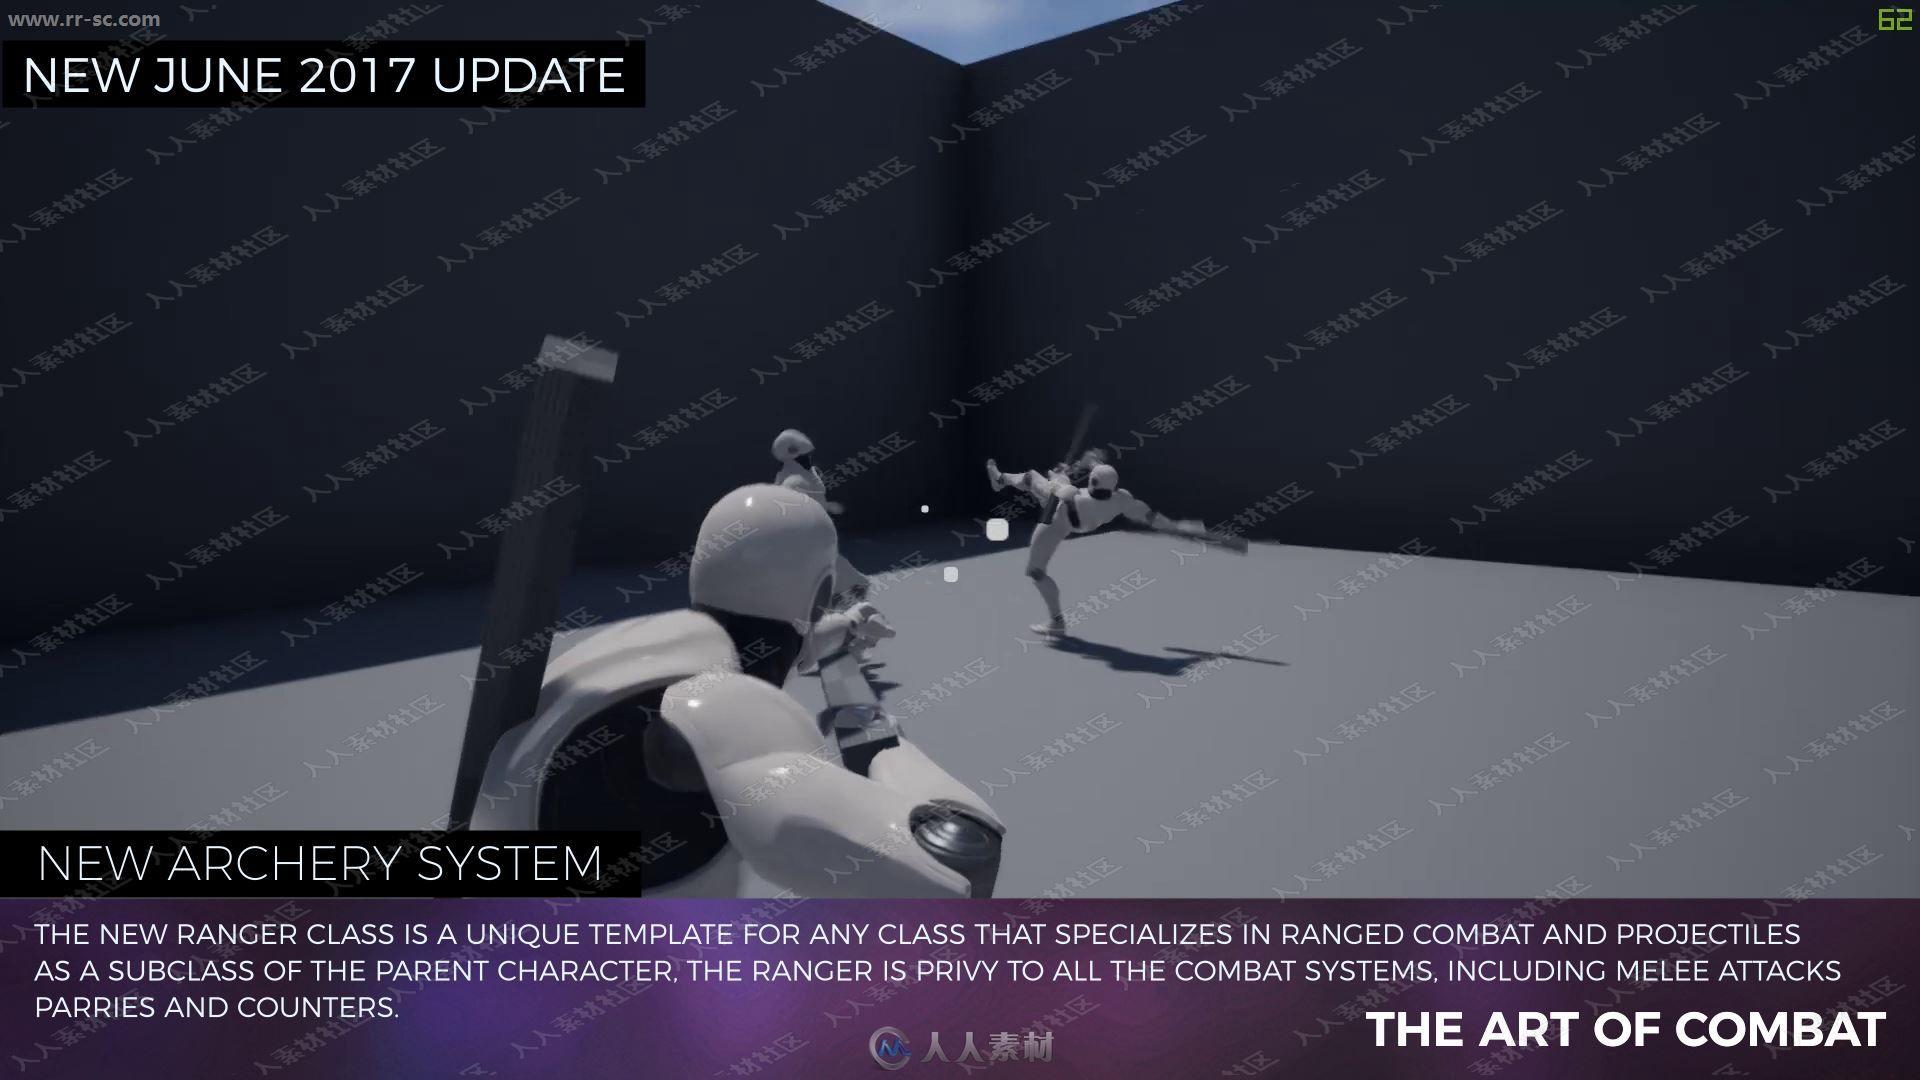 双人战斗生存游戏系统整体蓝图UE4游戏素材资源